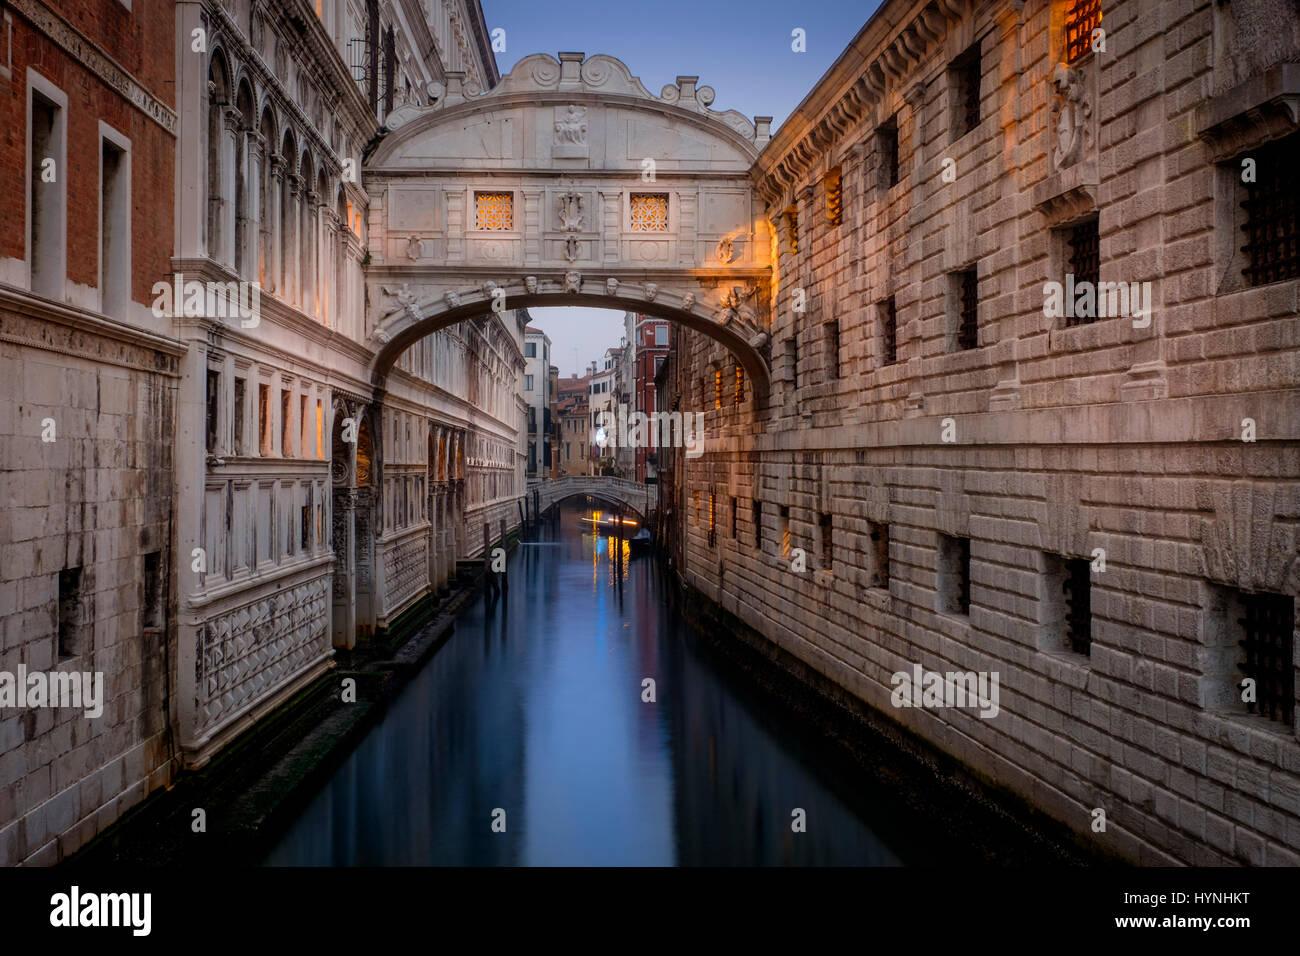 Venecia, Italia - Alrededor de mayo de 2015: el Puente de los Suspiros al anochecer en San Marco, Venecia. Imagen De Stock